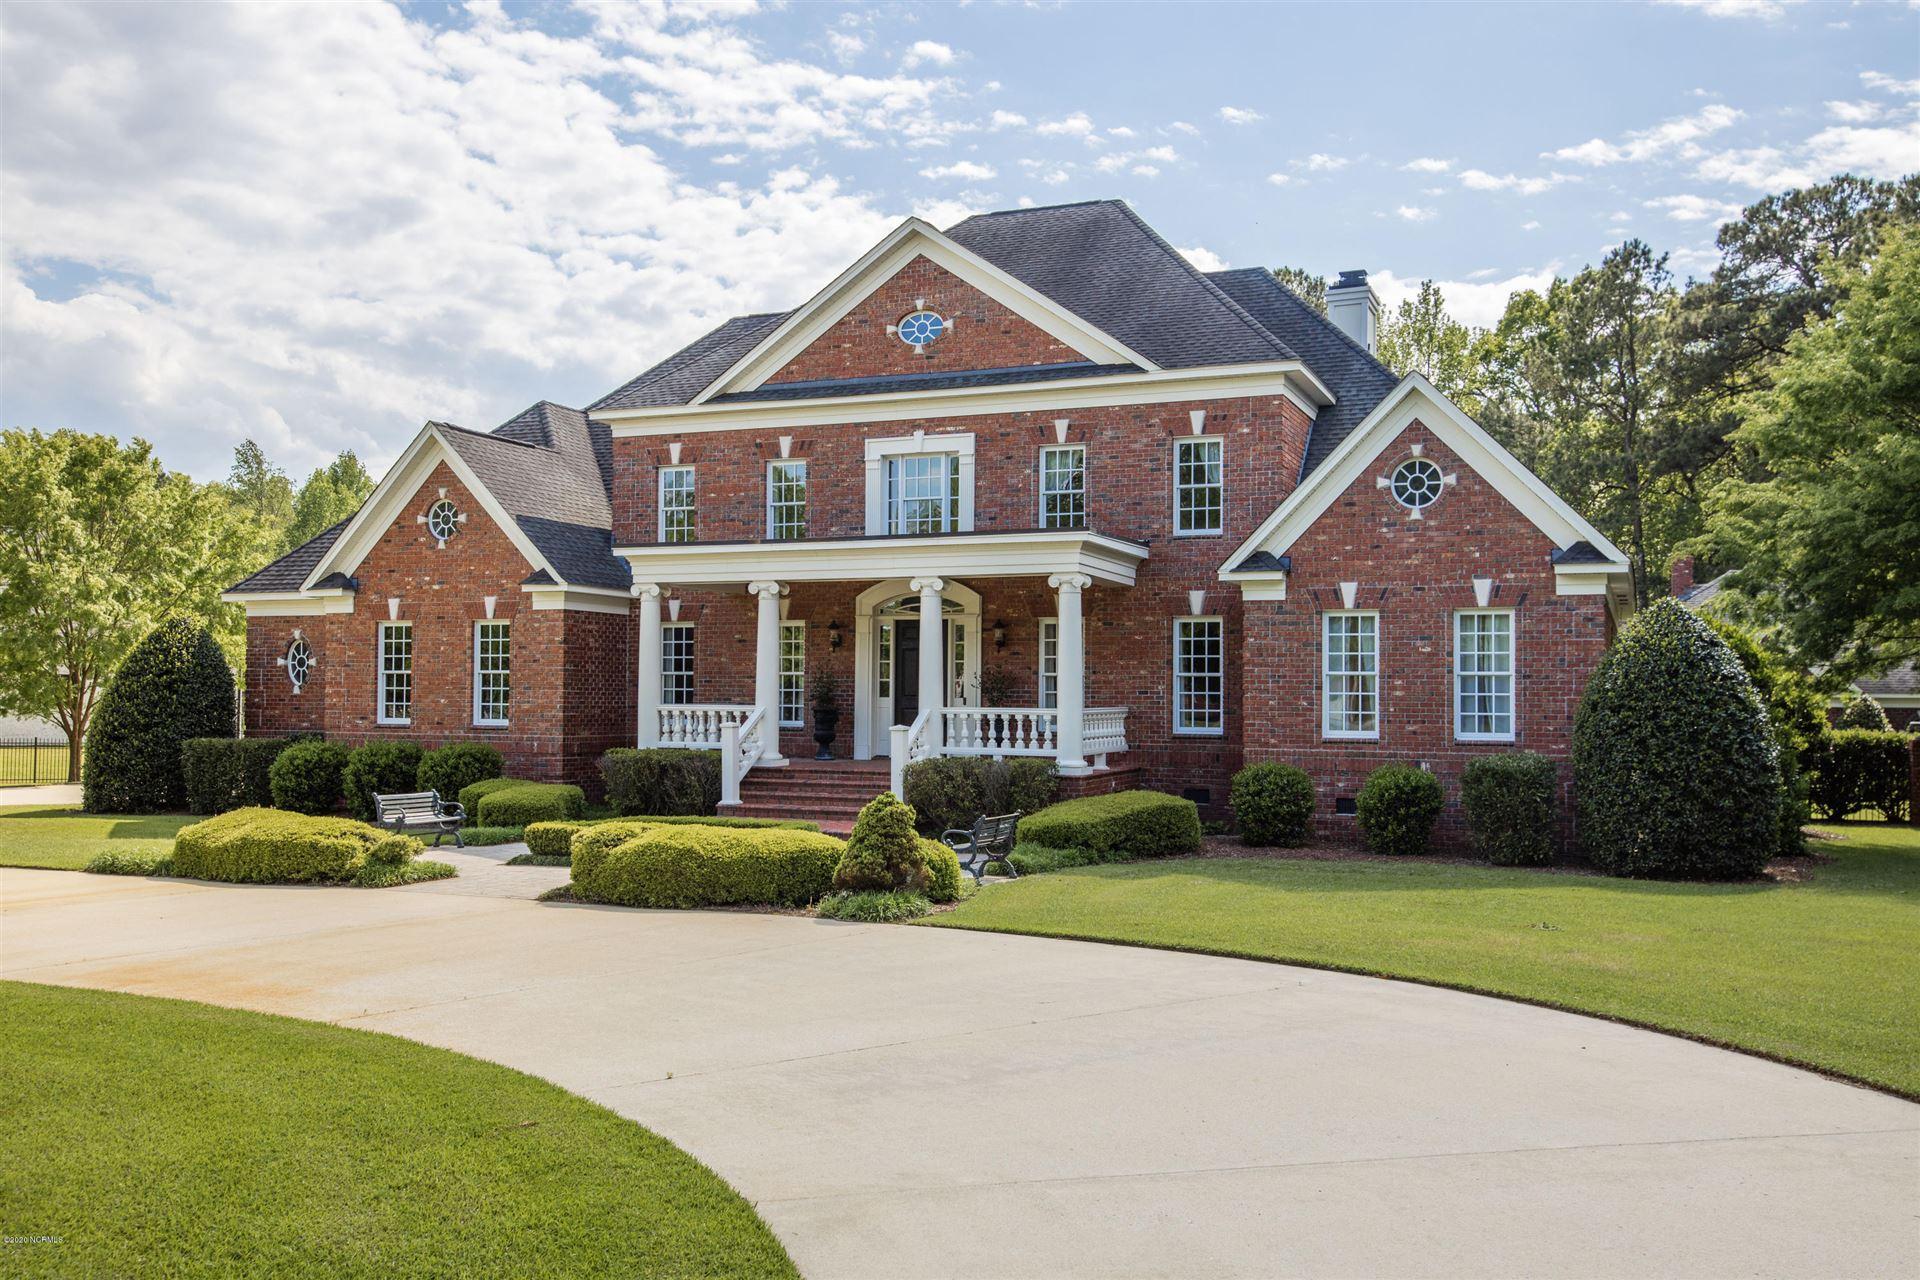 Photo of 3501 Star Hill Farm Road, Greenville, NC 27834 (MLS # 100206817)